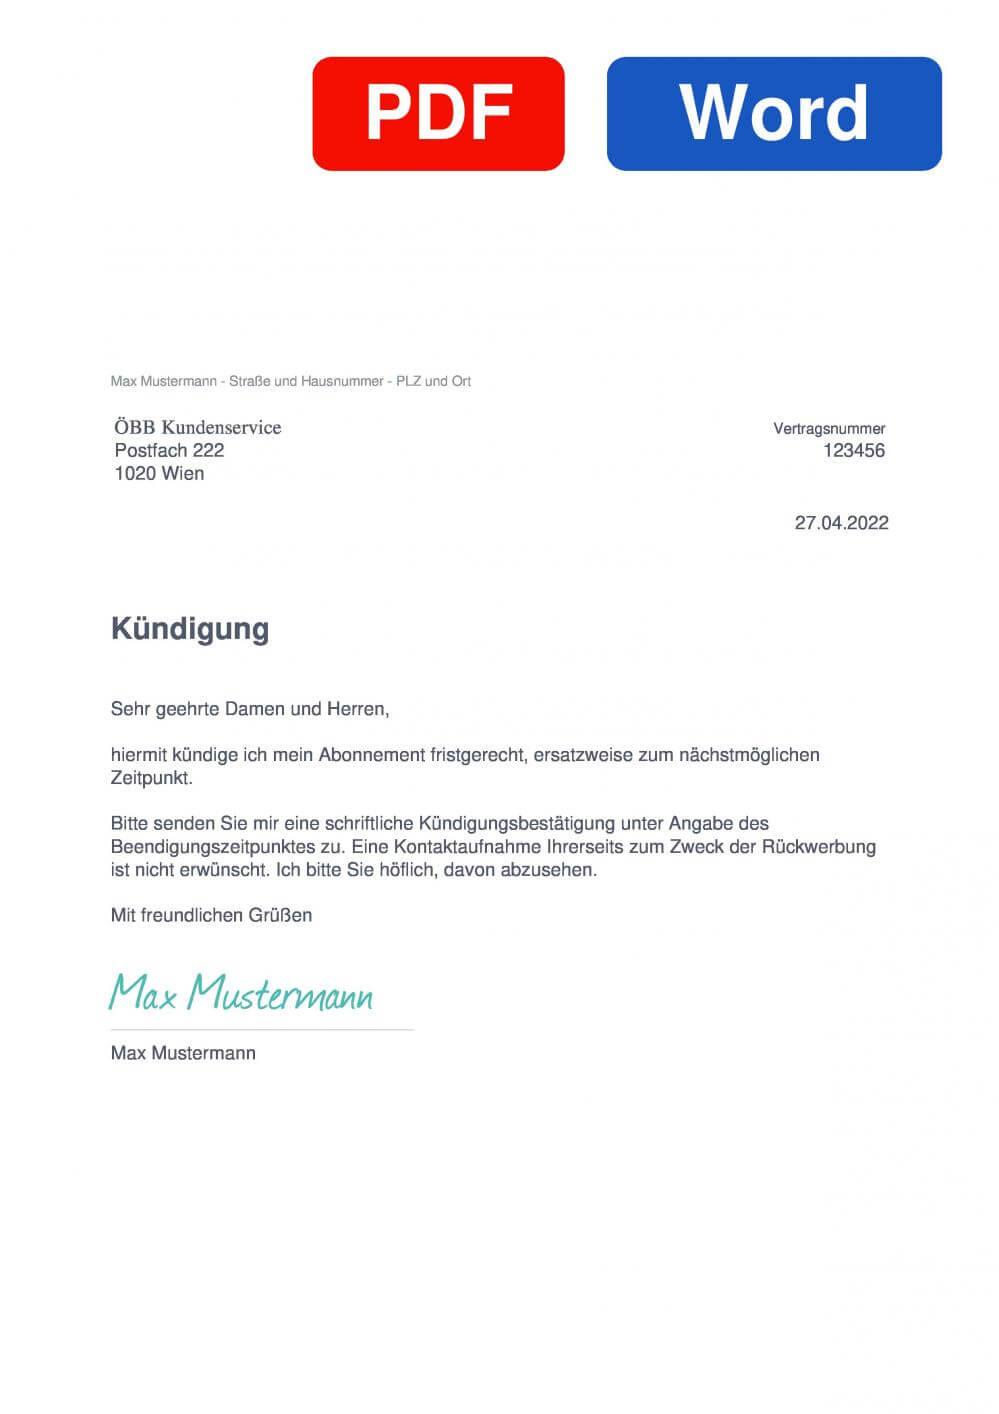 ÖBB Österreichcard Muster Vorlage für Kündigungsschreiben